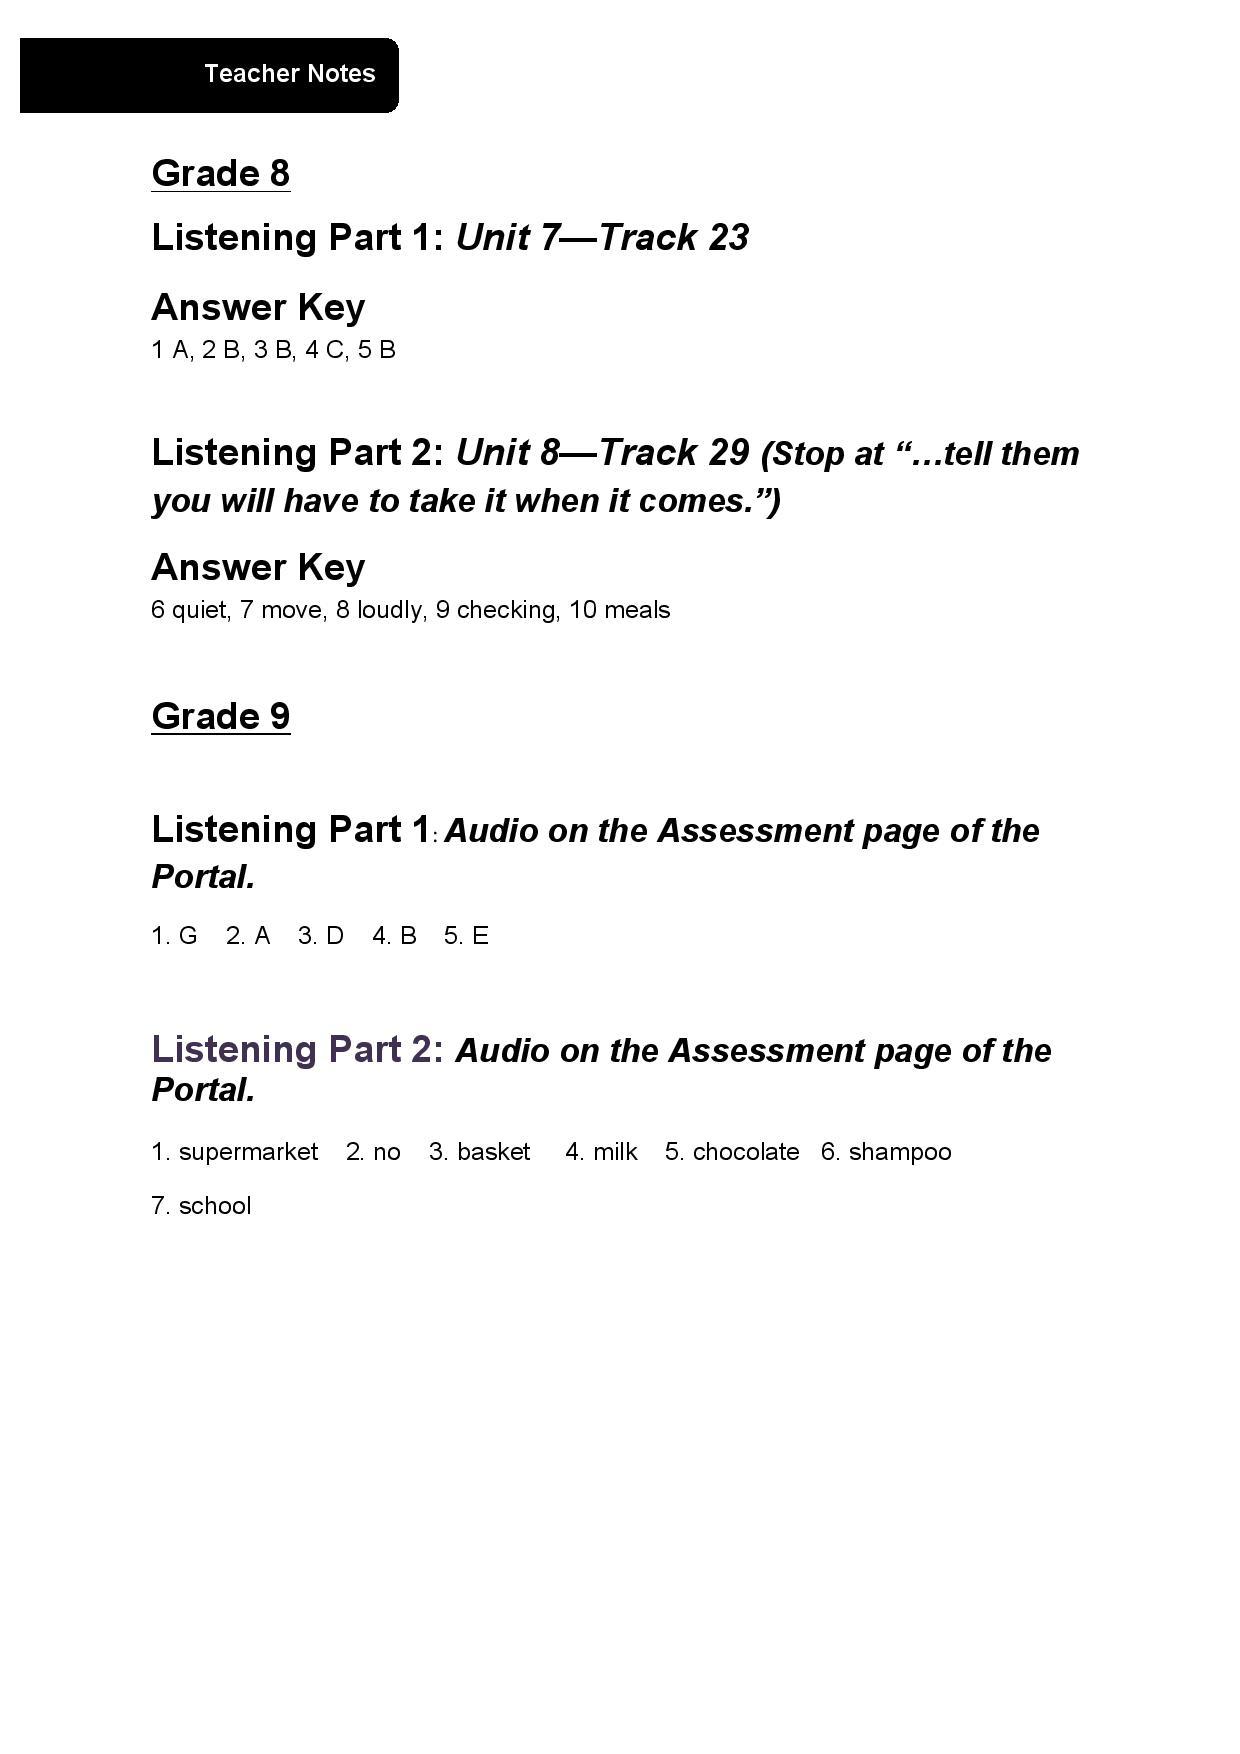 نماذج امتحانات listening الاستماع كاملة